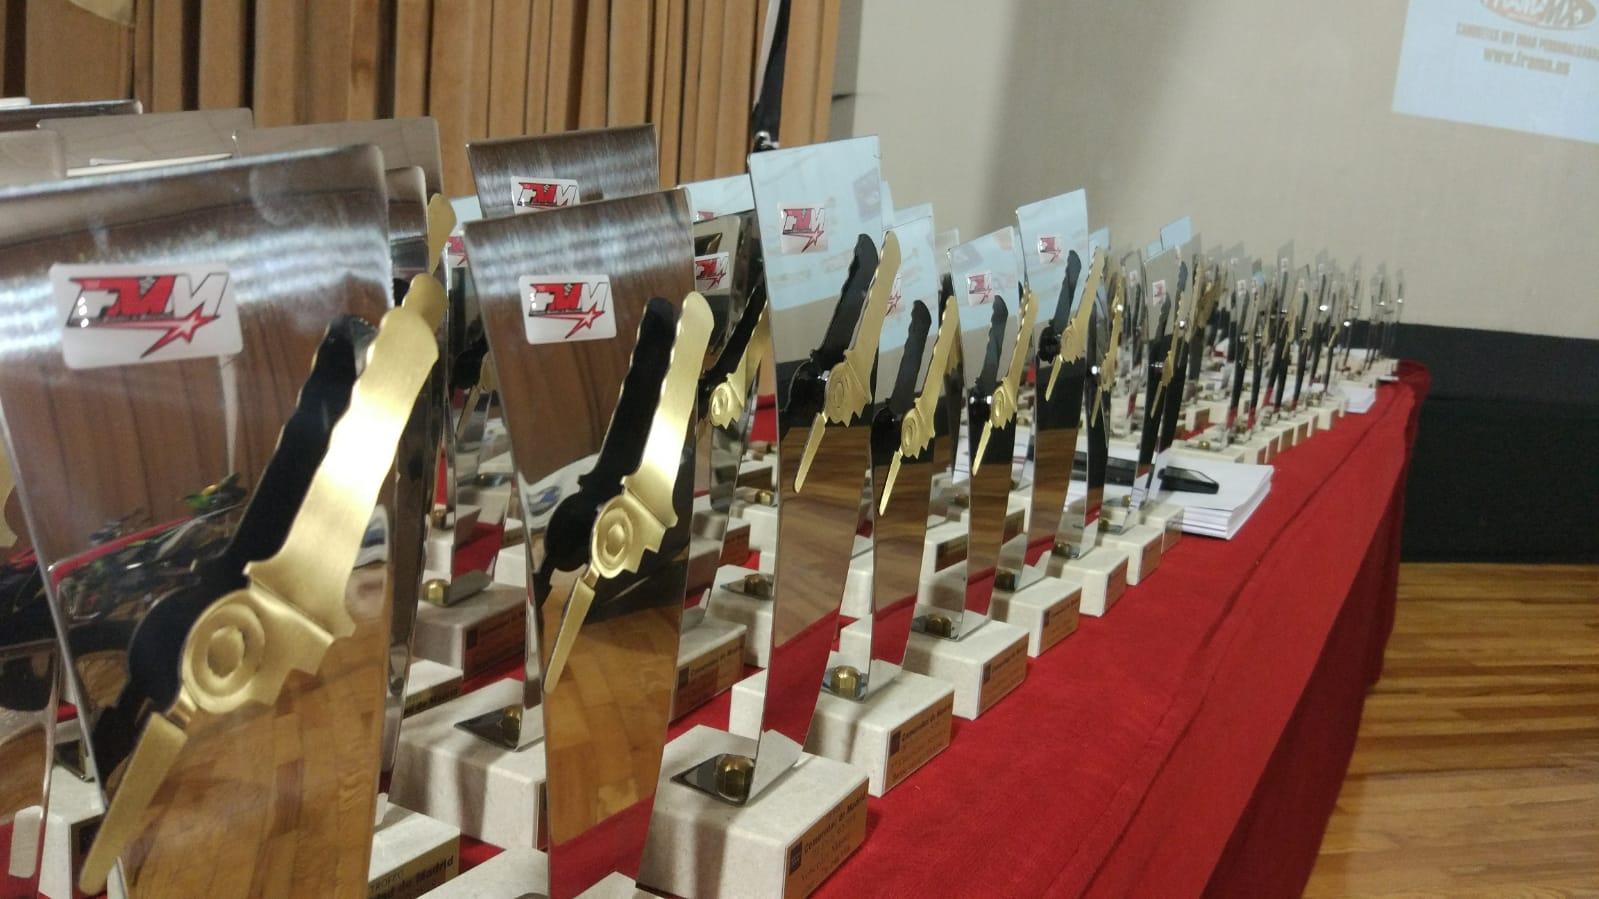 Trofeos 2018 para la Federación Madrileña de Motociclismo